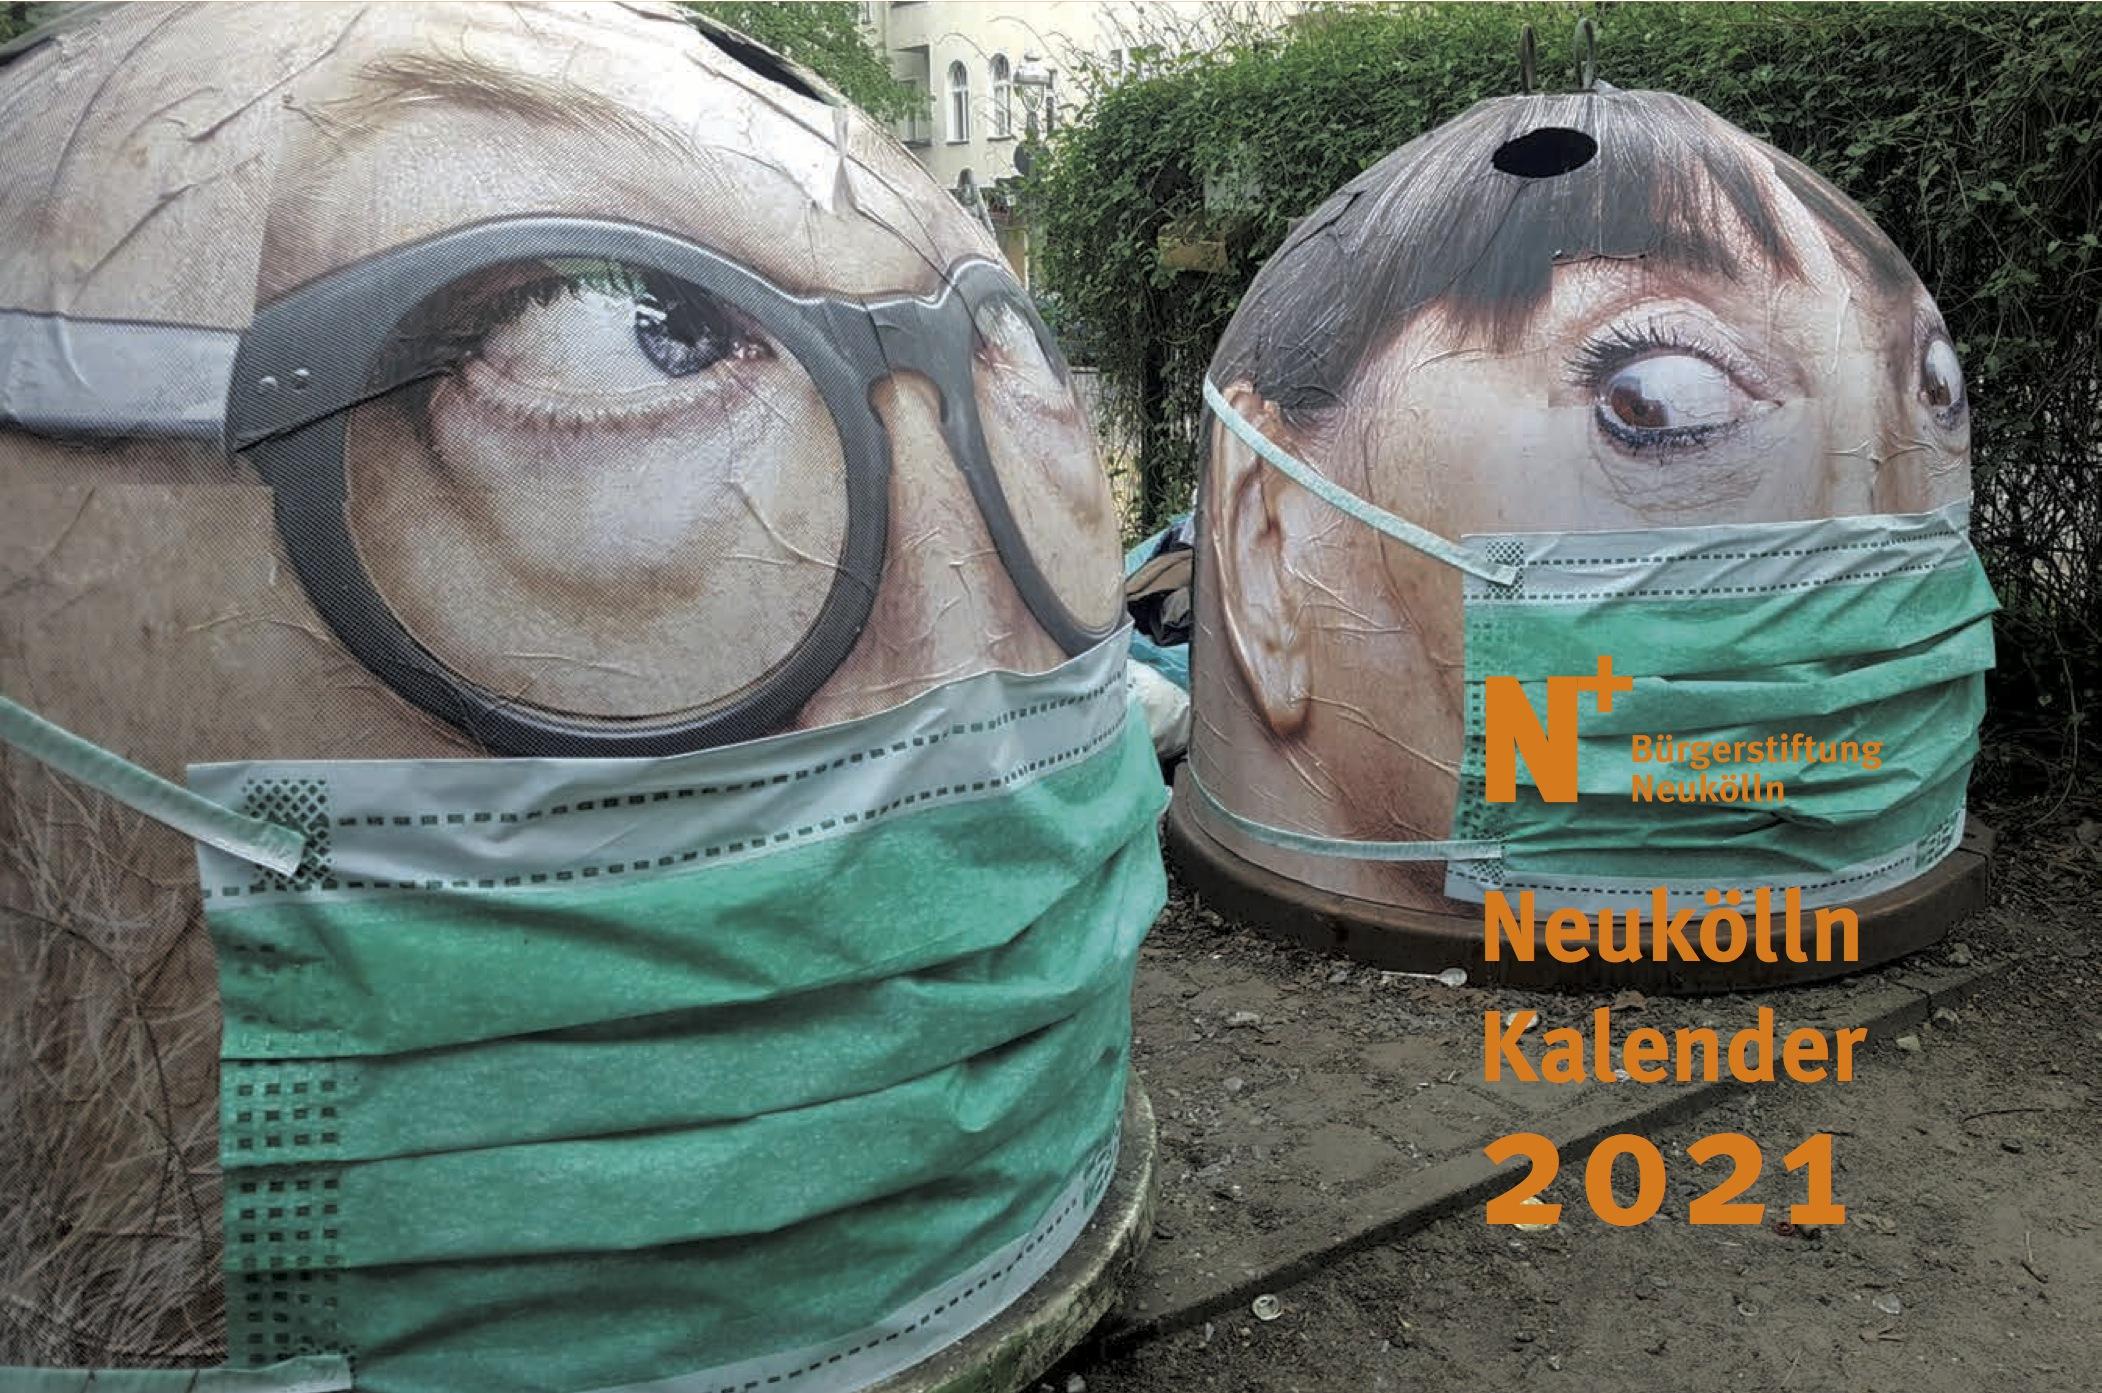 Zwei Mehrweg-Mülltonnen, gestaltet als Gesichter, mit grünen OP-Masken